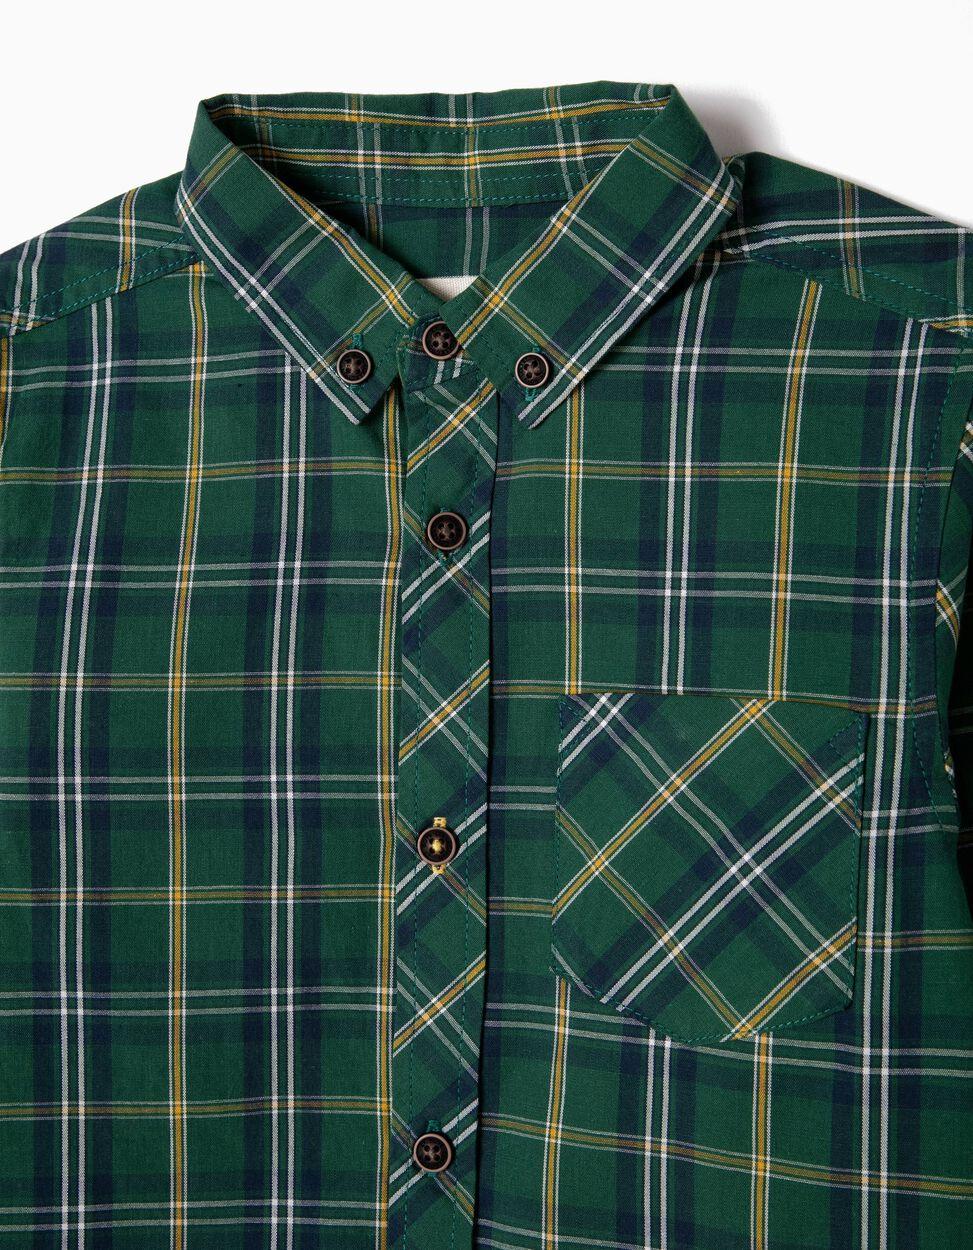 Camisa Xadrez com Bolso Bege e Azul